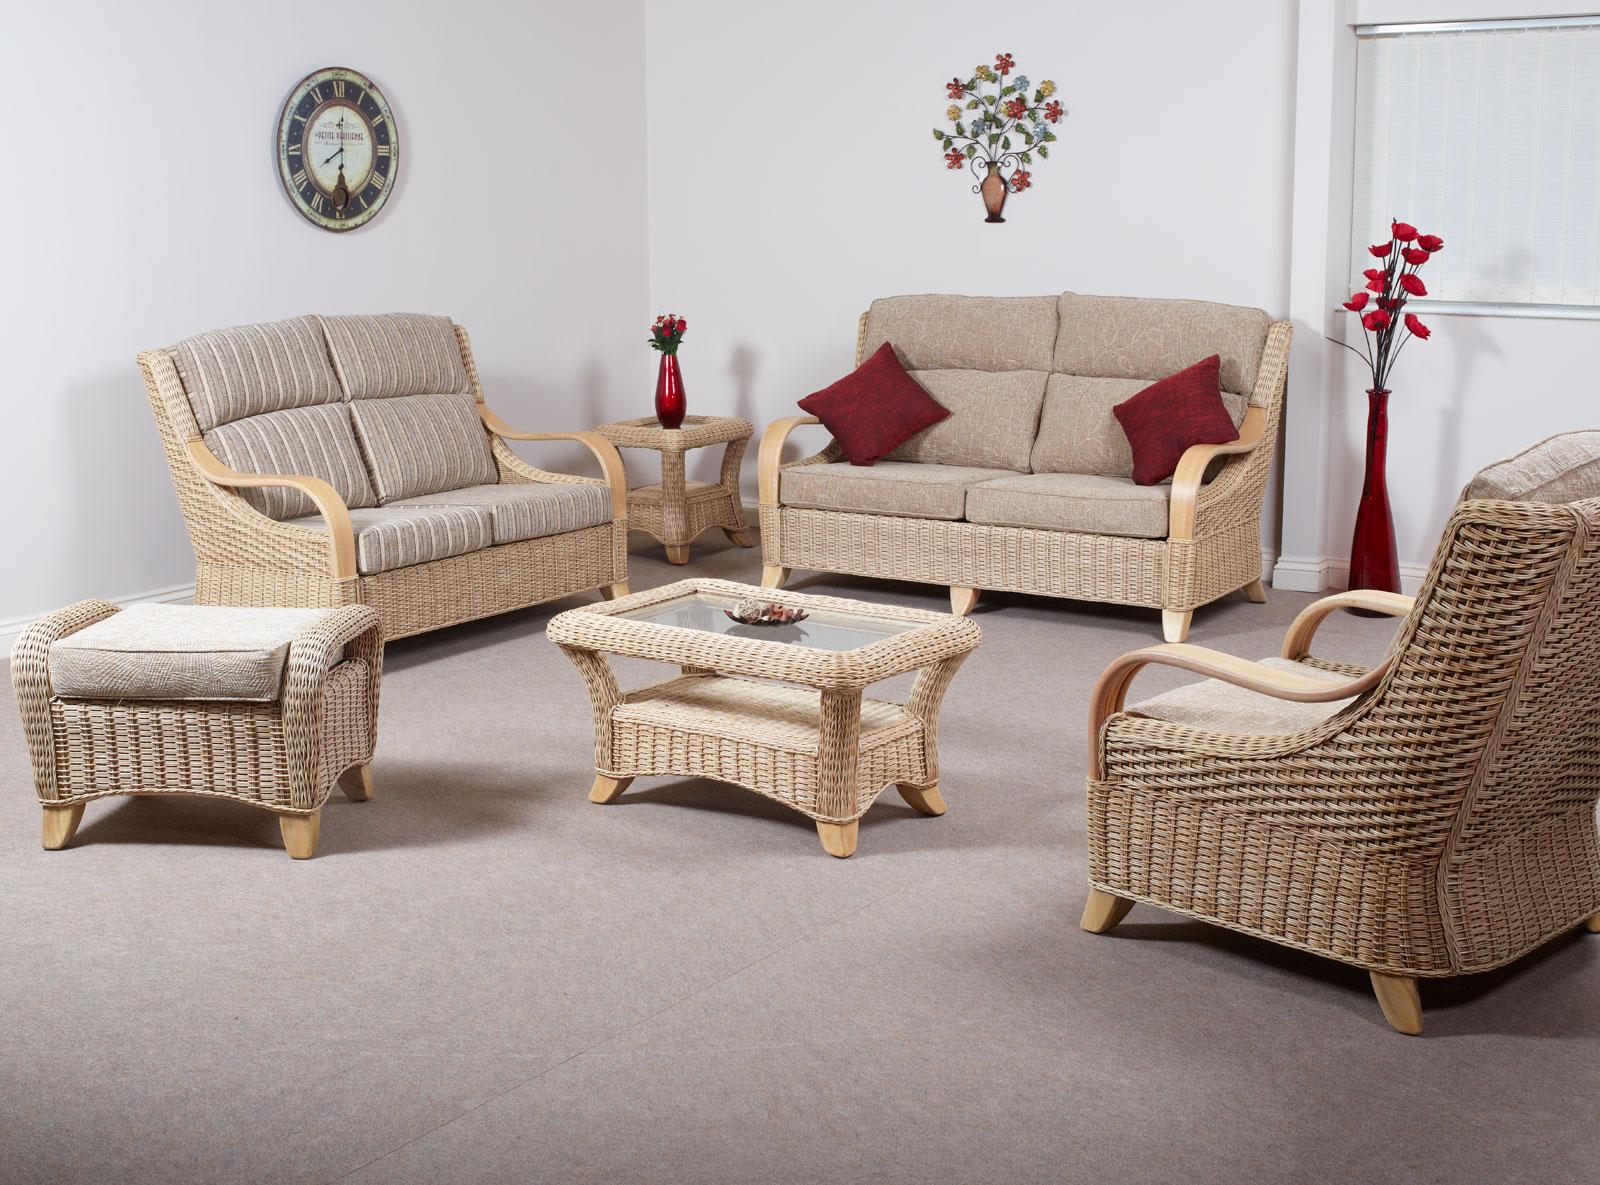 Hilton Cane Rattan Conservatory Suite Incl Large Sofa